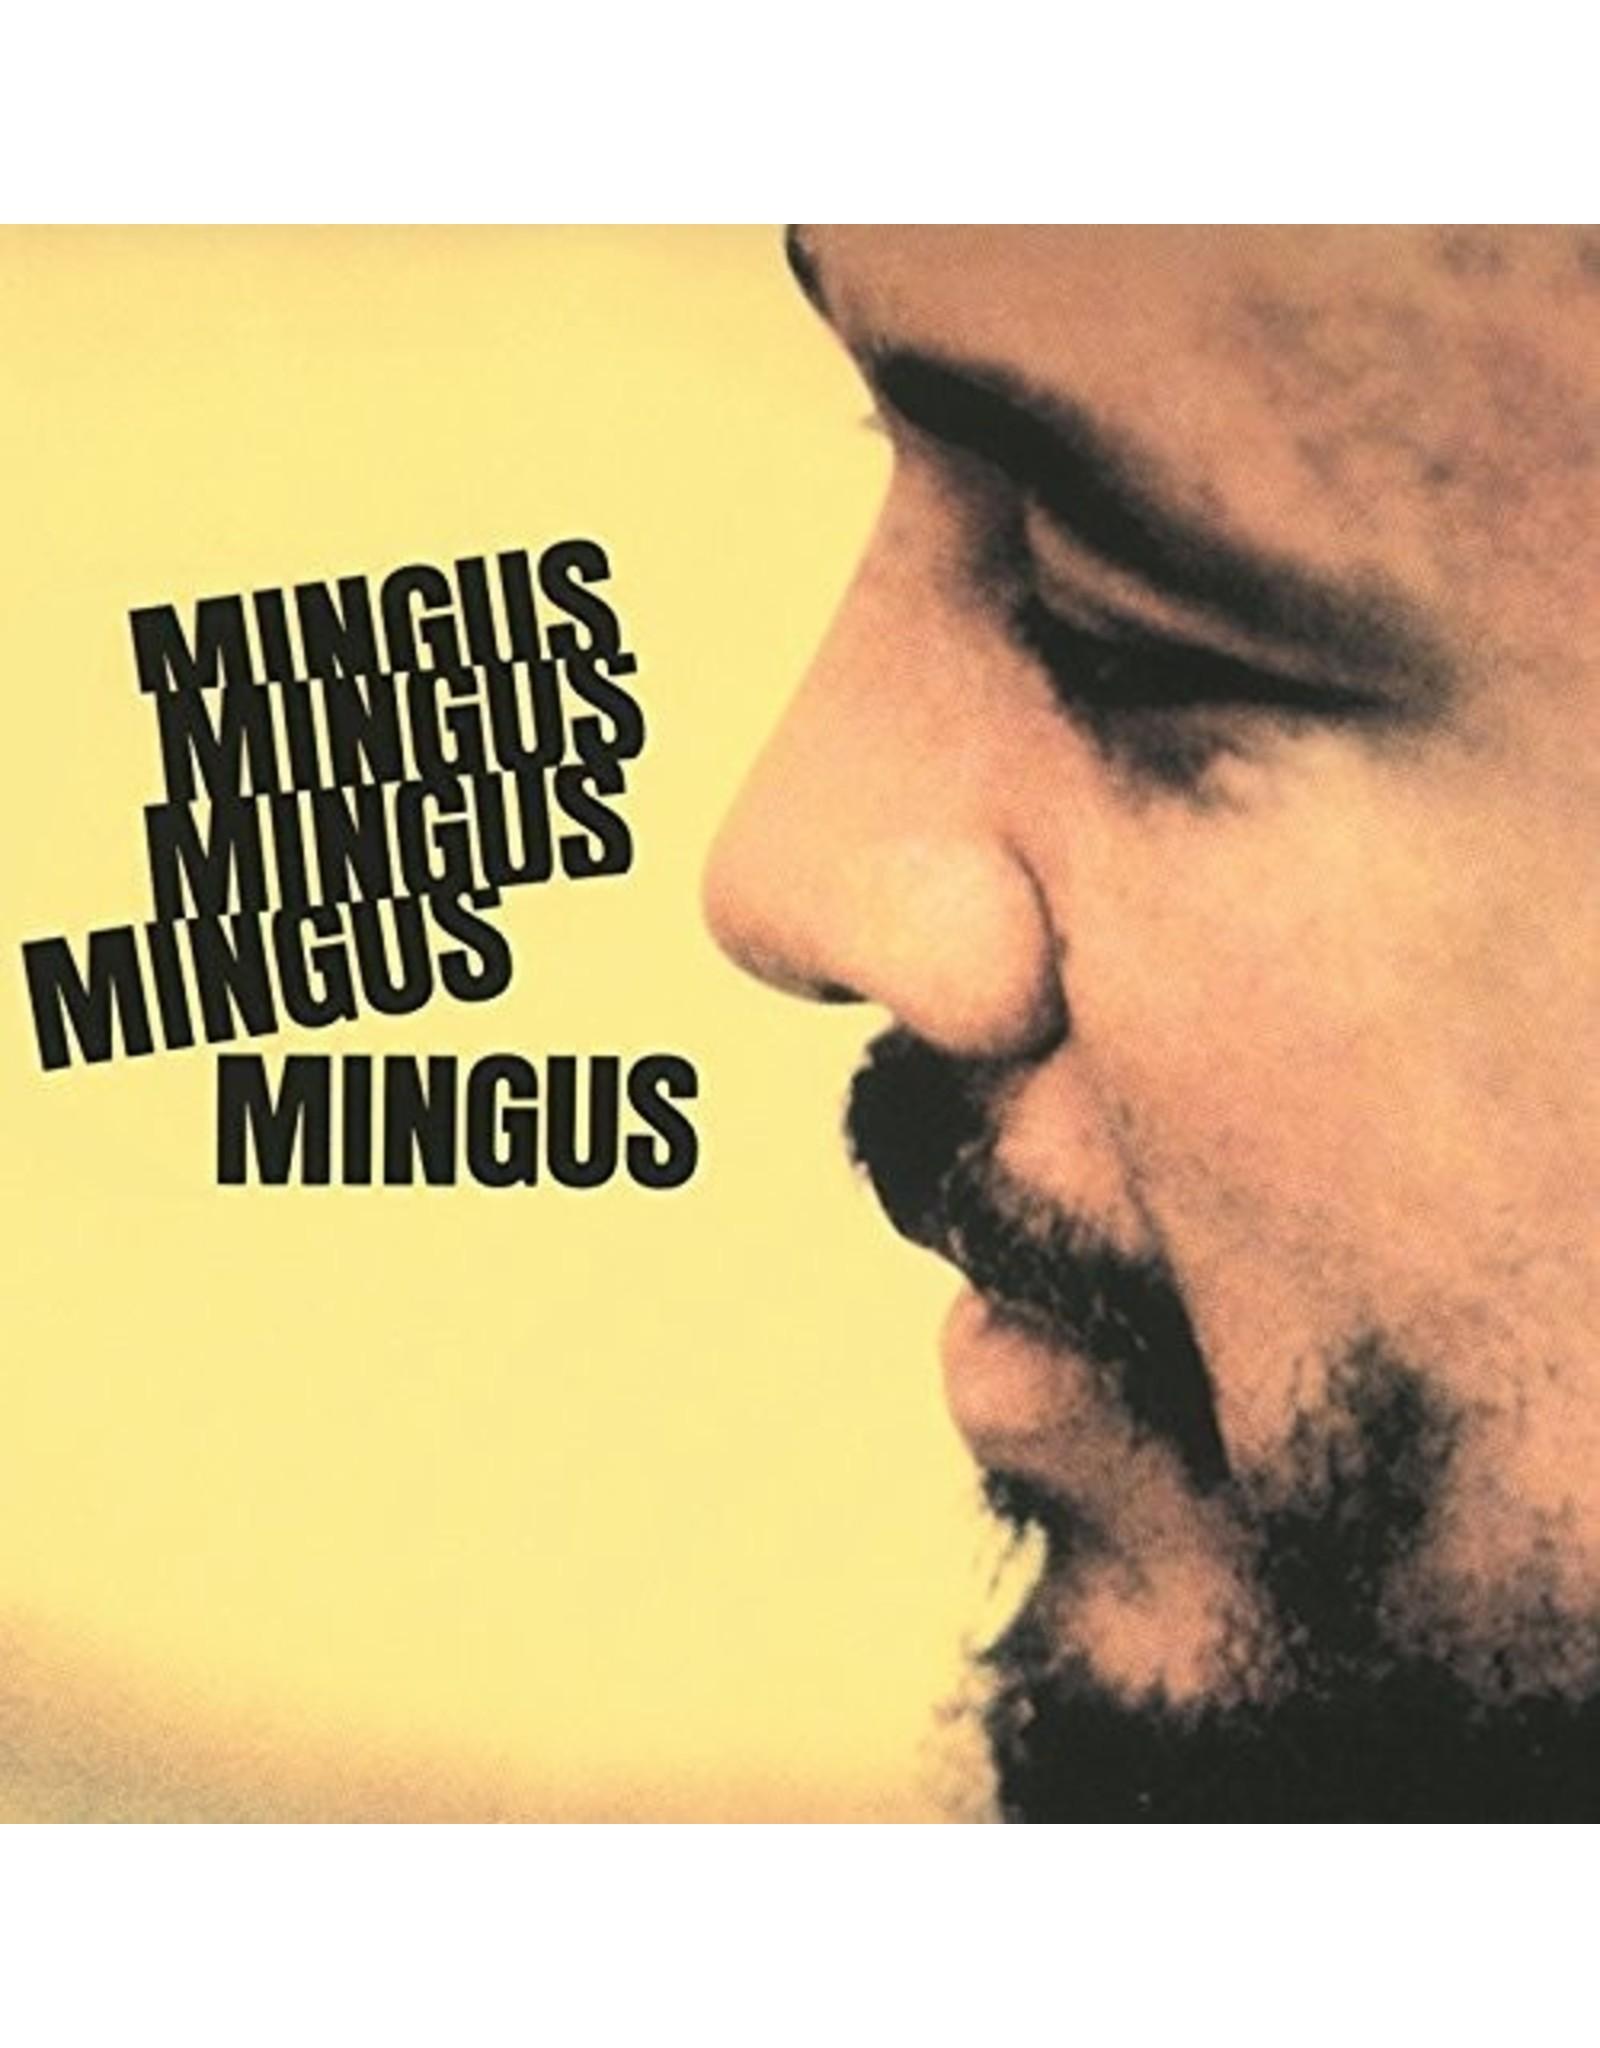 New Vinyl Charles Mingus - Mingus Mingus Mingus Mingus Mingus LP